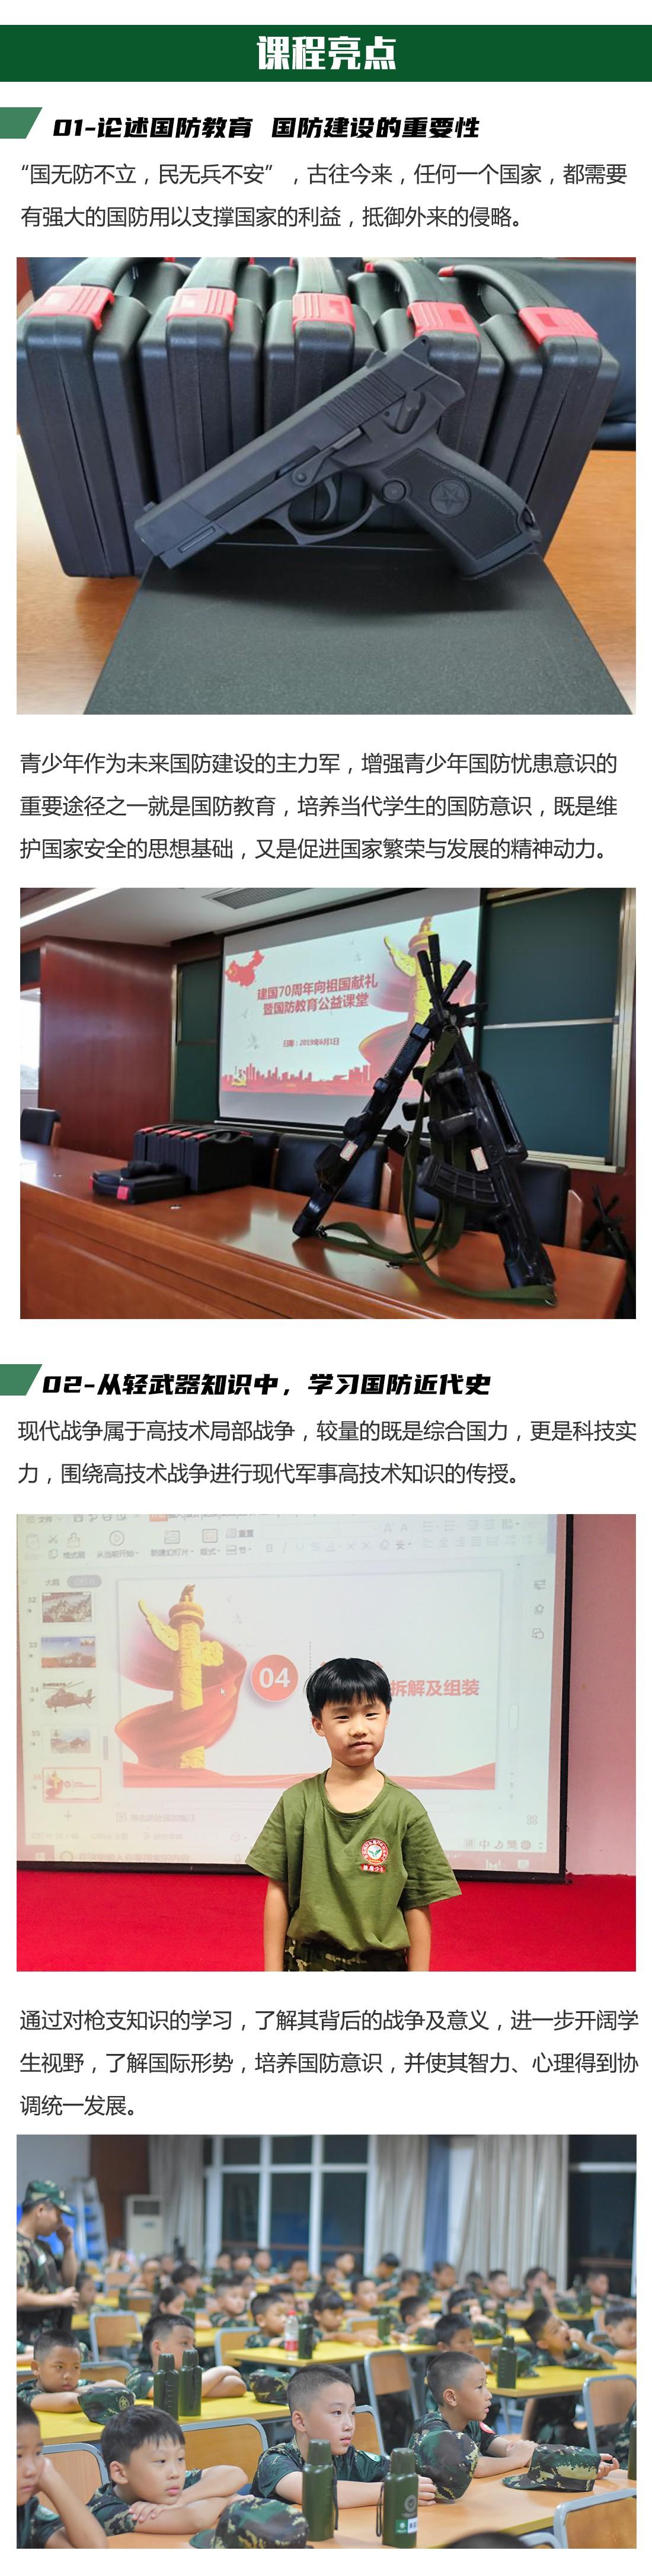 轻武器素材2.jpg